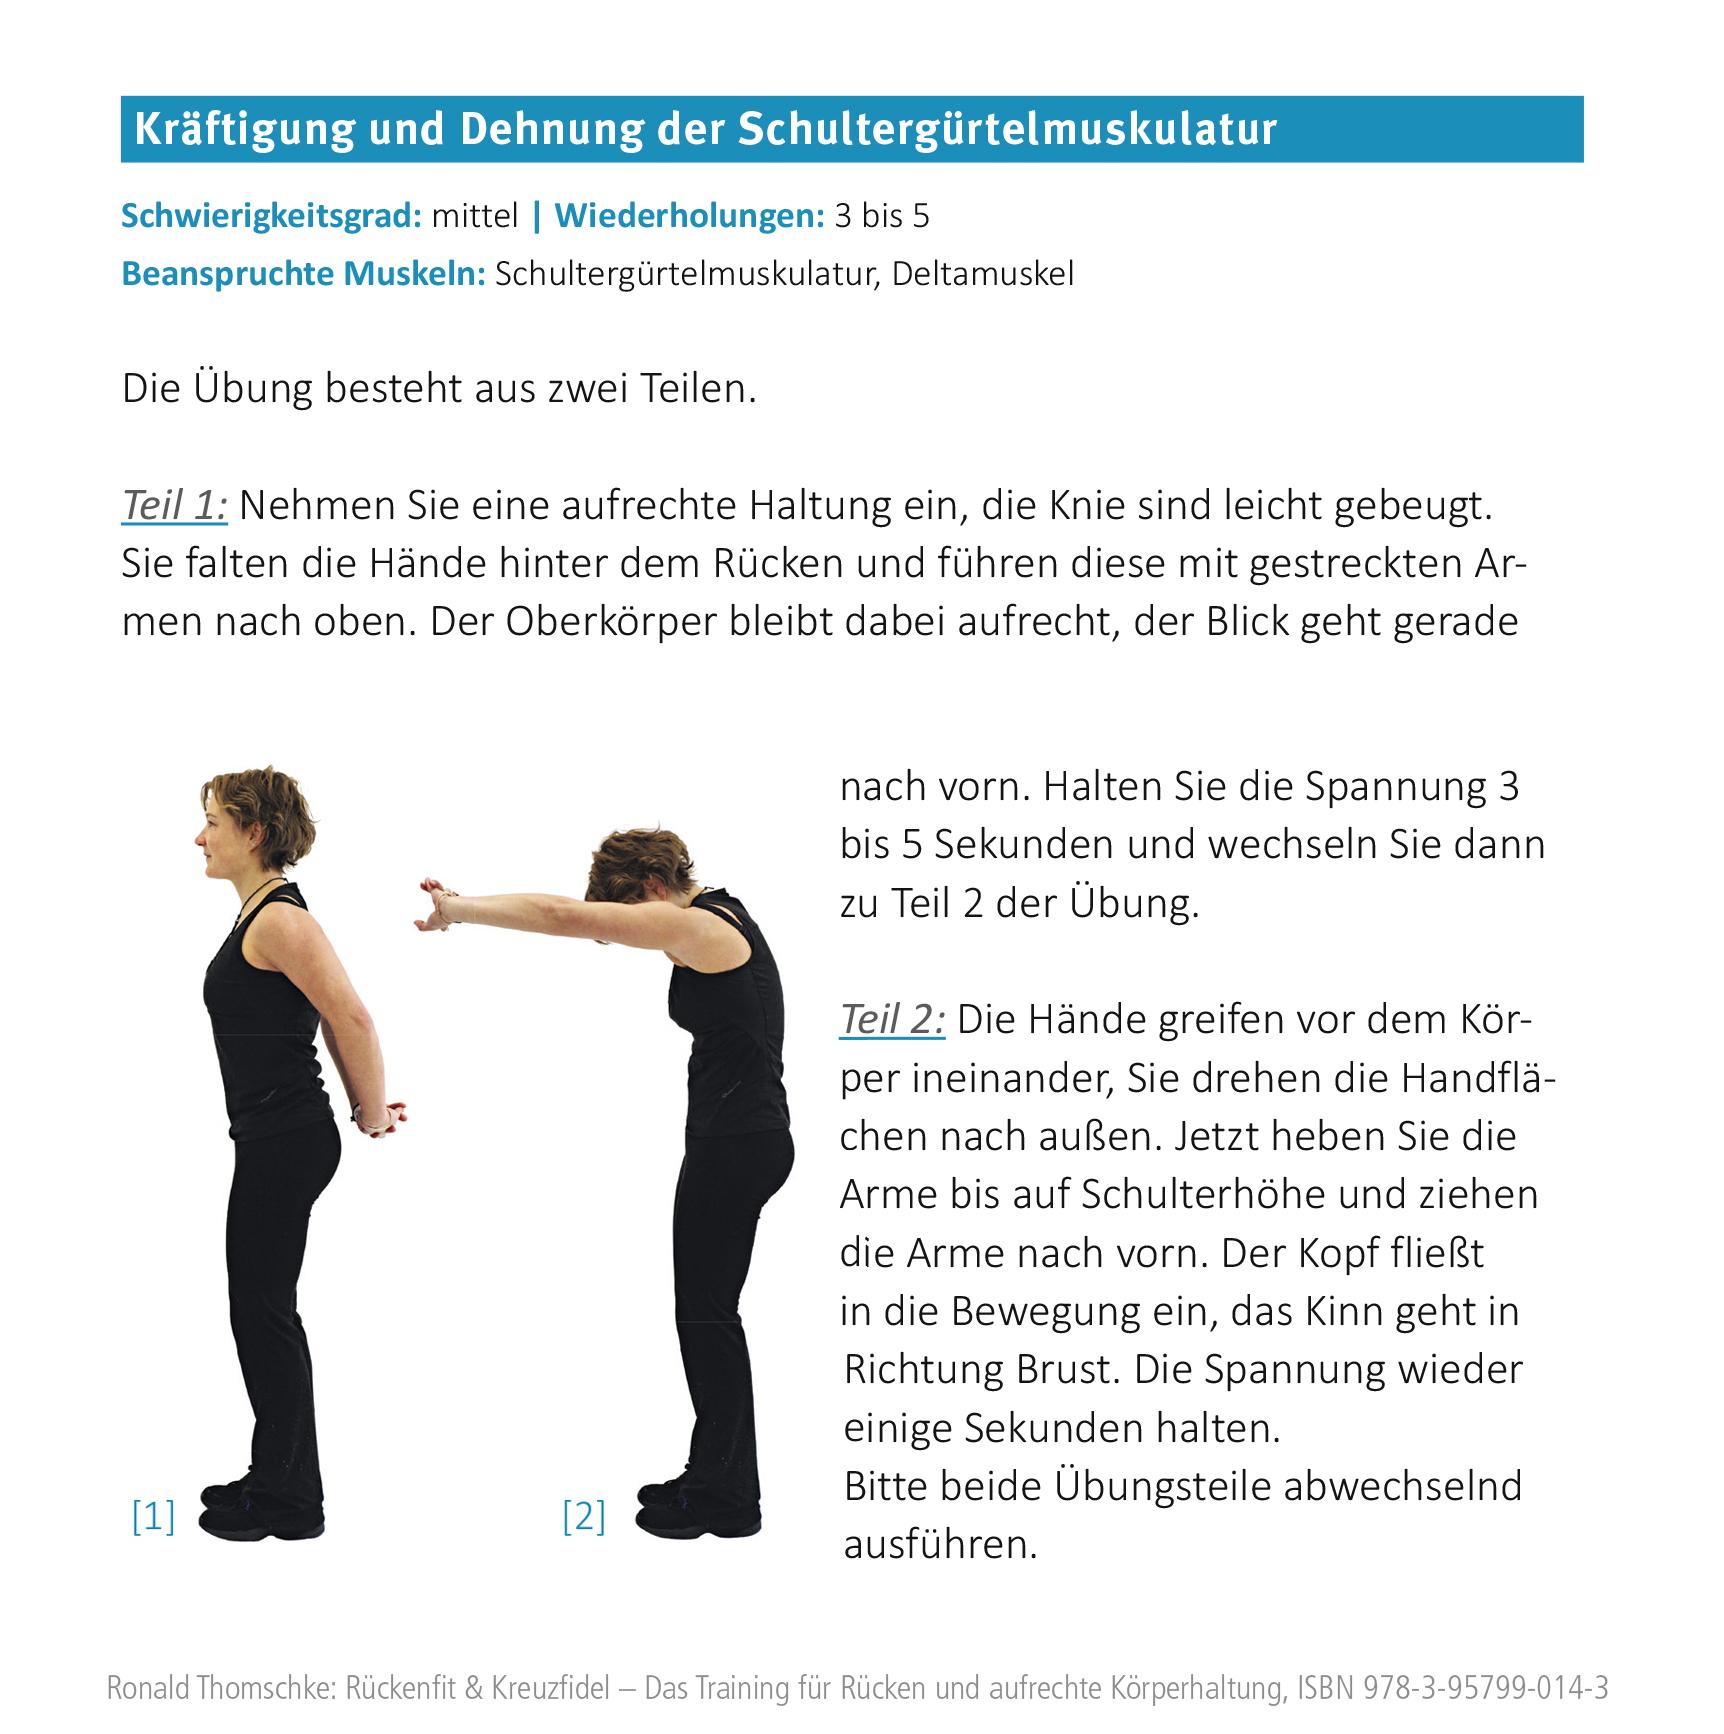 Training gegen Rückenschmerzen im Büro - Arbeiten im Sekretariat